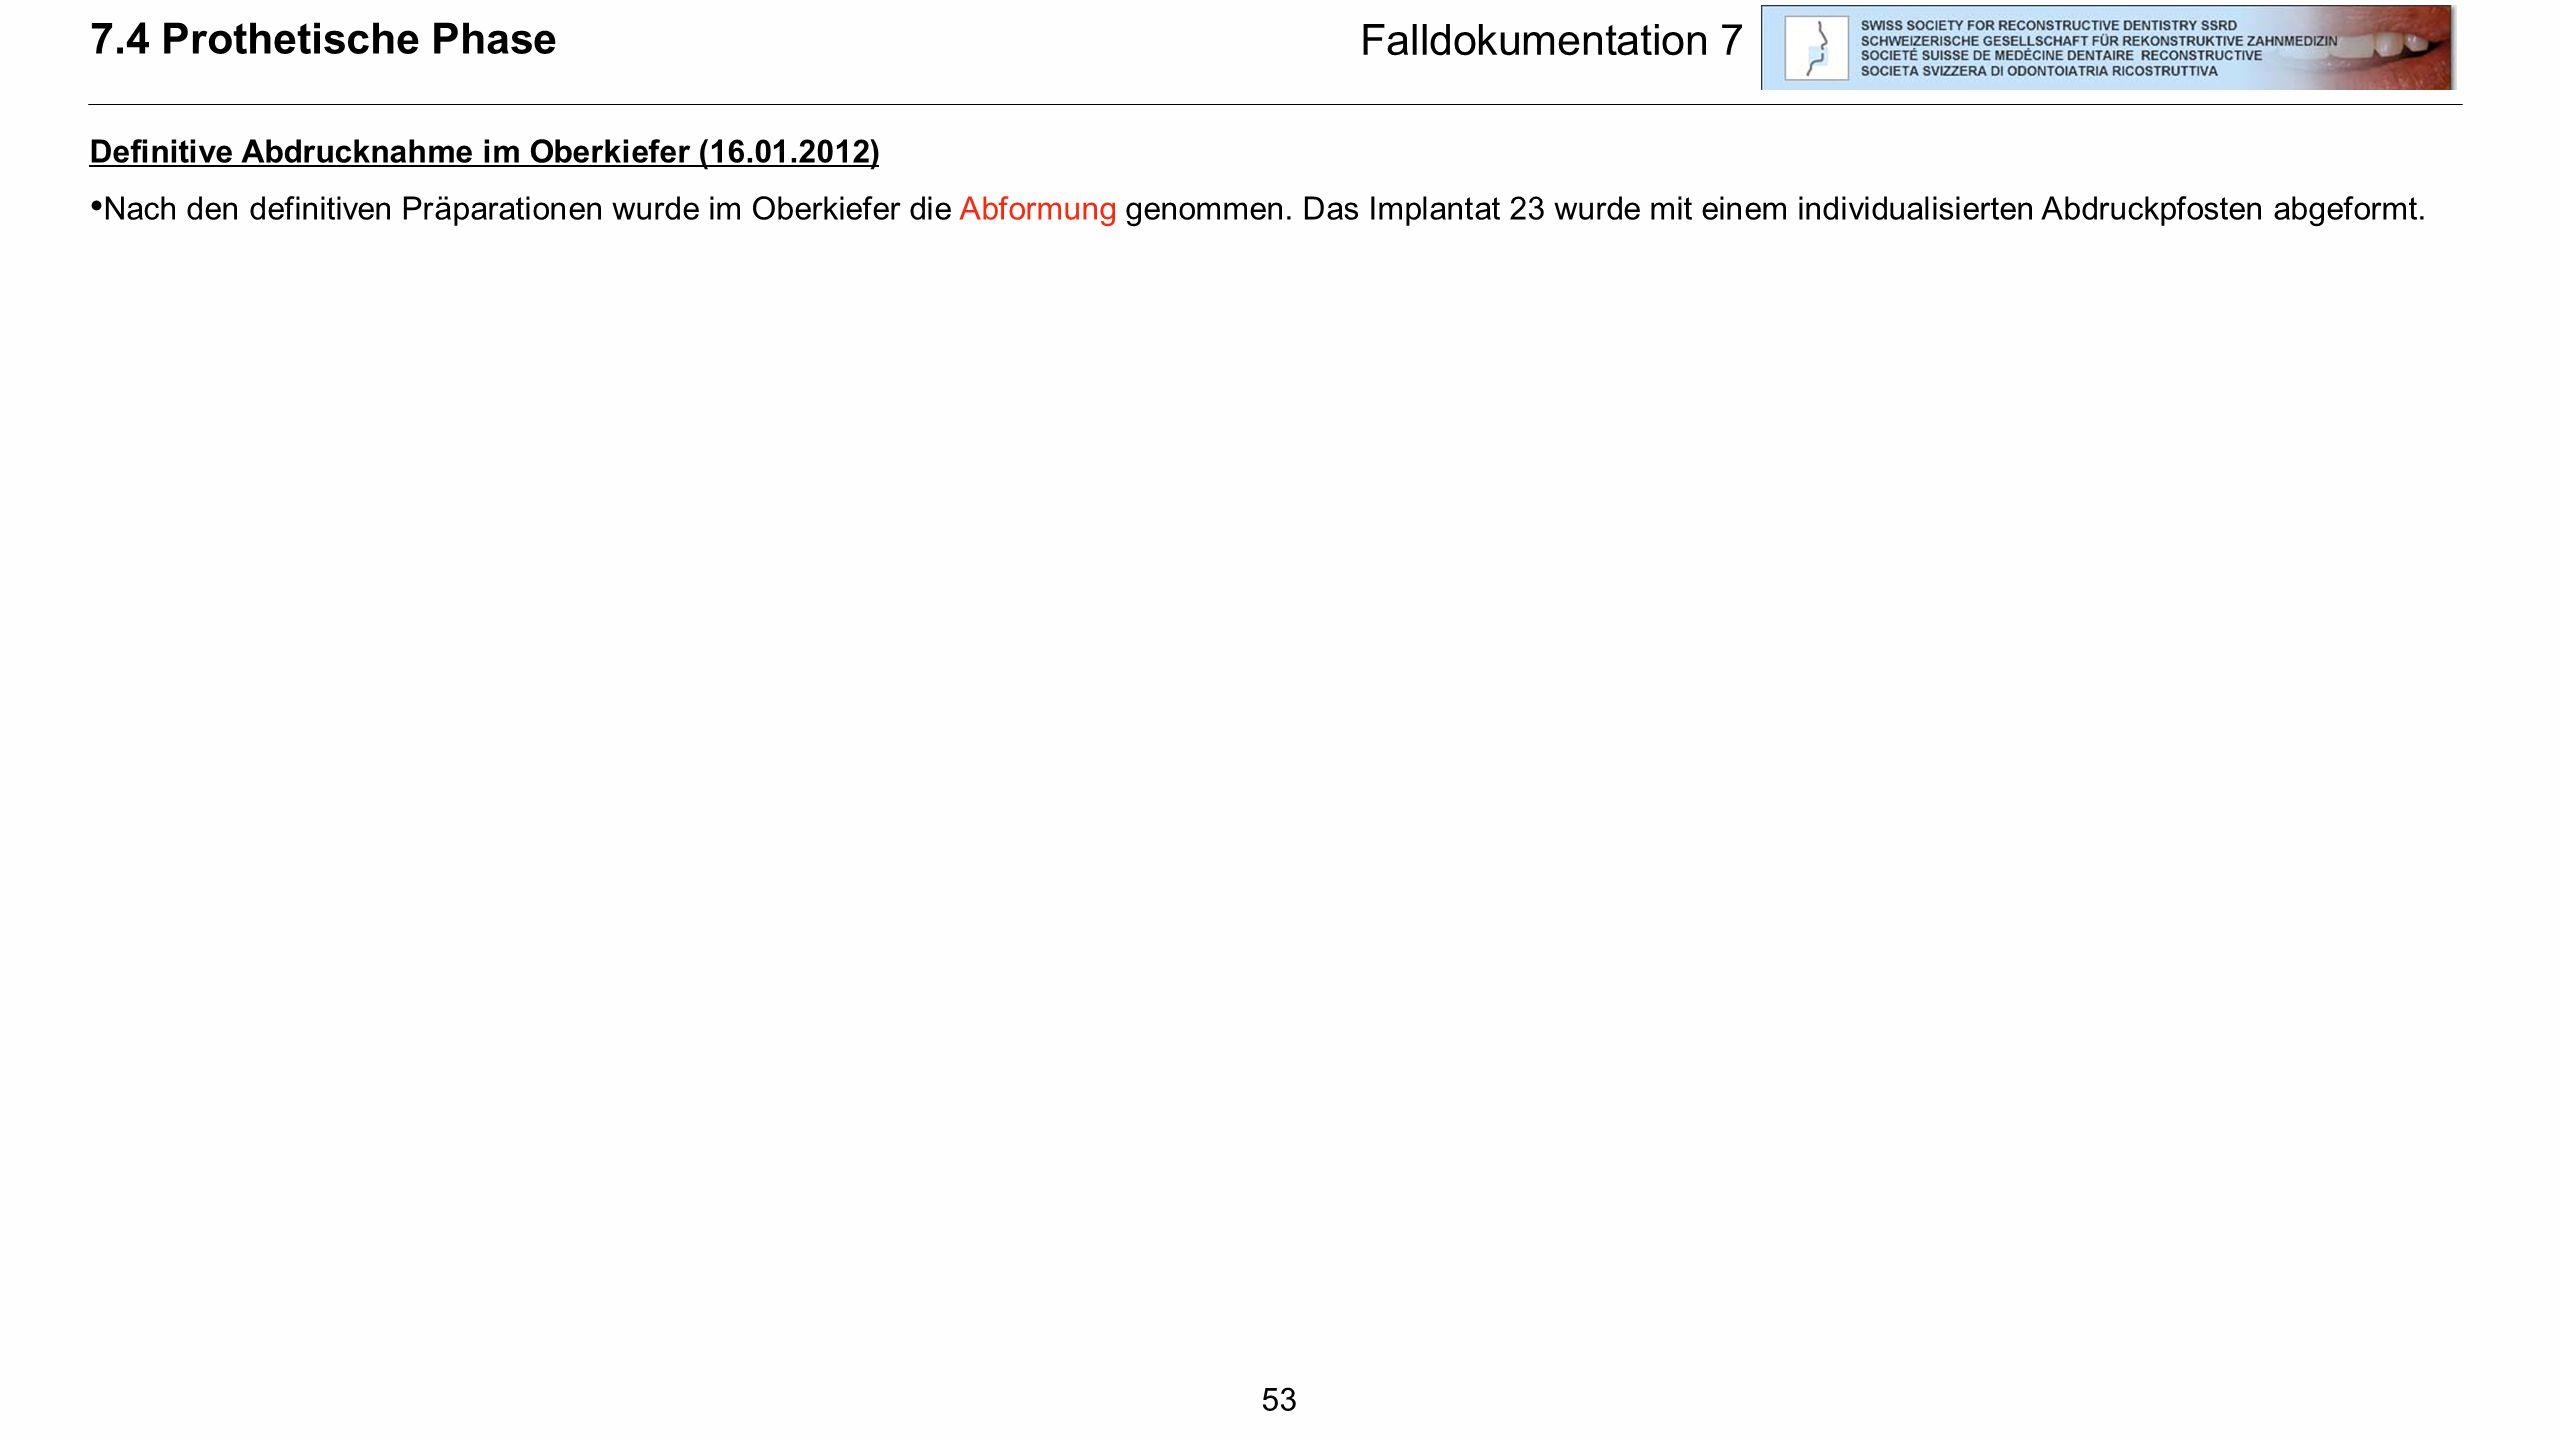 53 Falldokumentation 7 Definitive Abdrucknahme im Oberkiefer (16.01.2012) Nach den definitiven Präparationen wurde im Oberkiefer die Abformung genomme